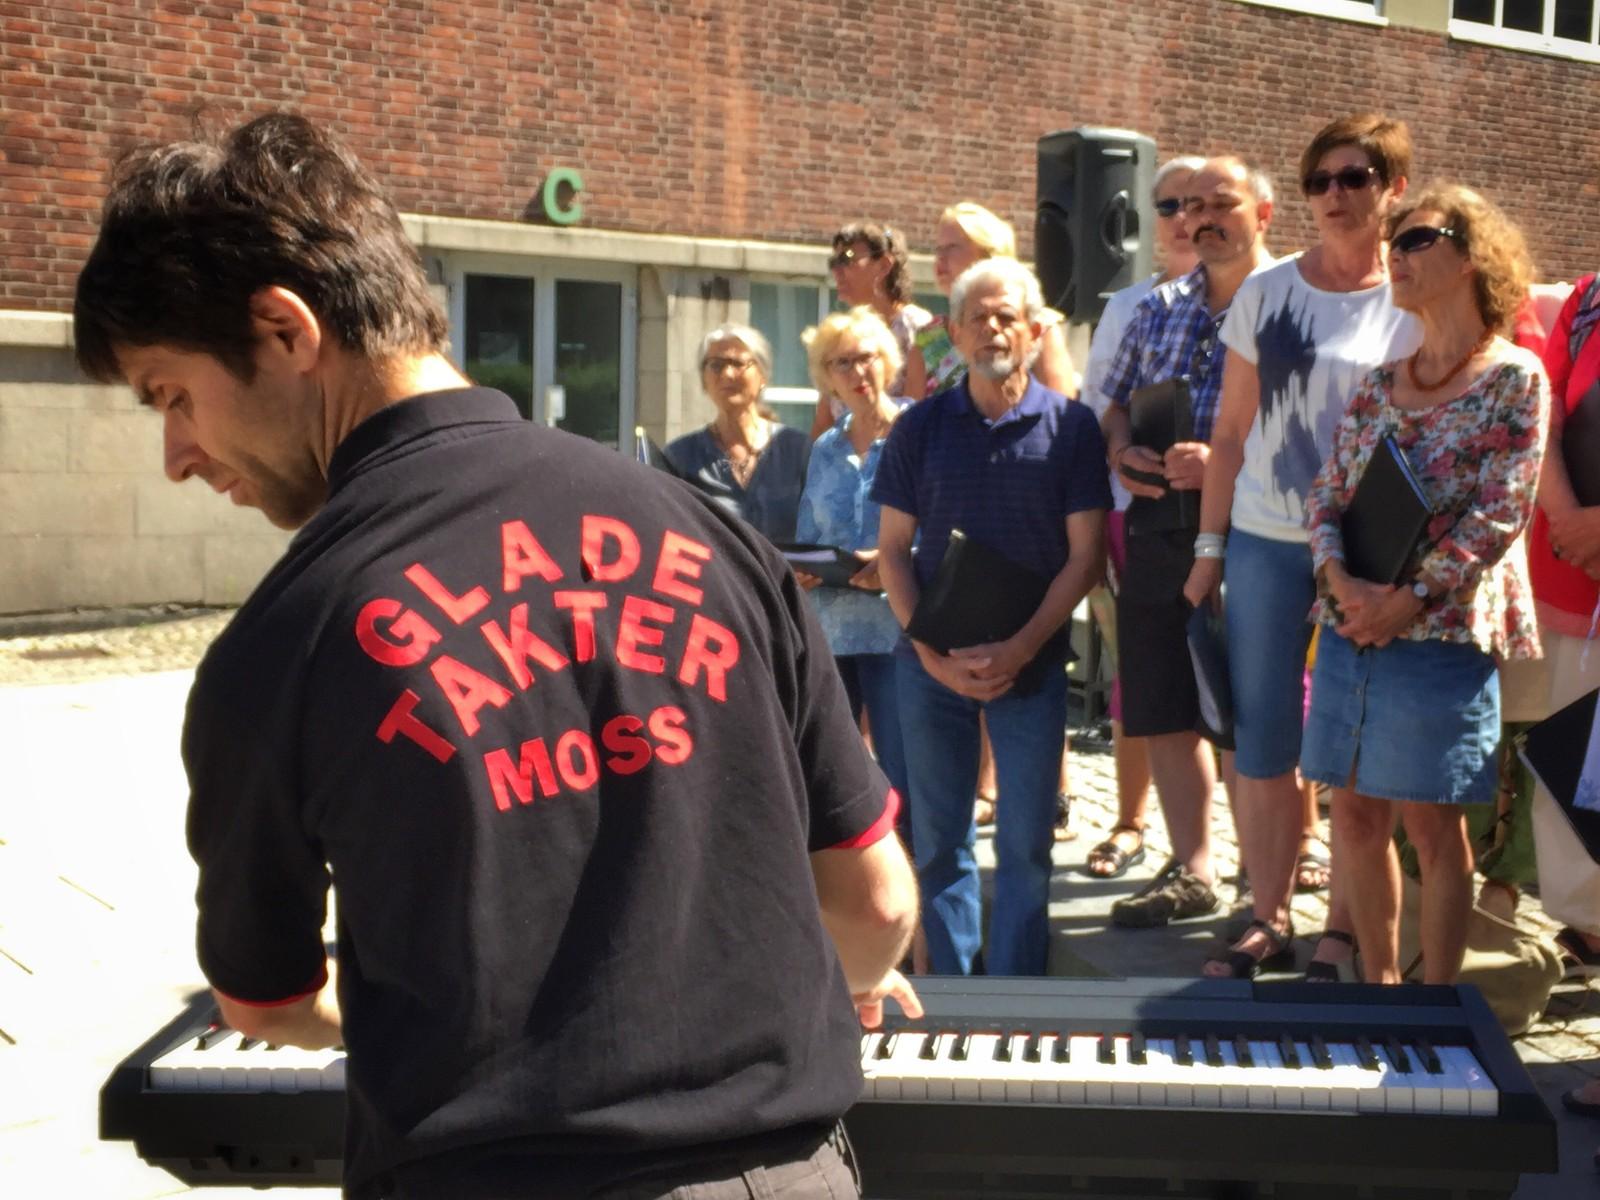 Det kommunale koret Glade Takter varmer opp til utekonsert ved Kirkeparken VGS.